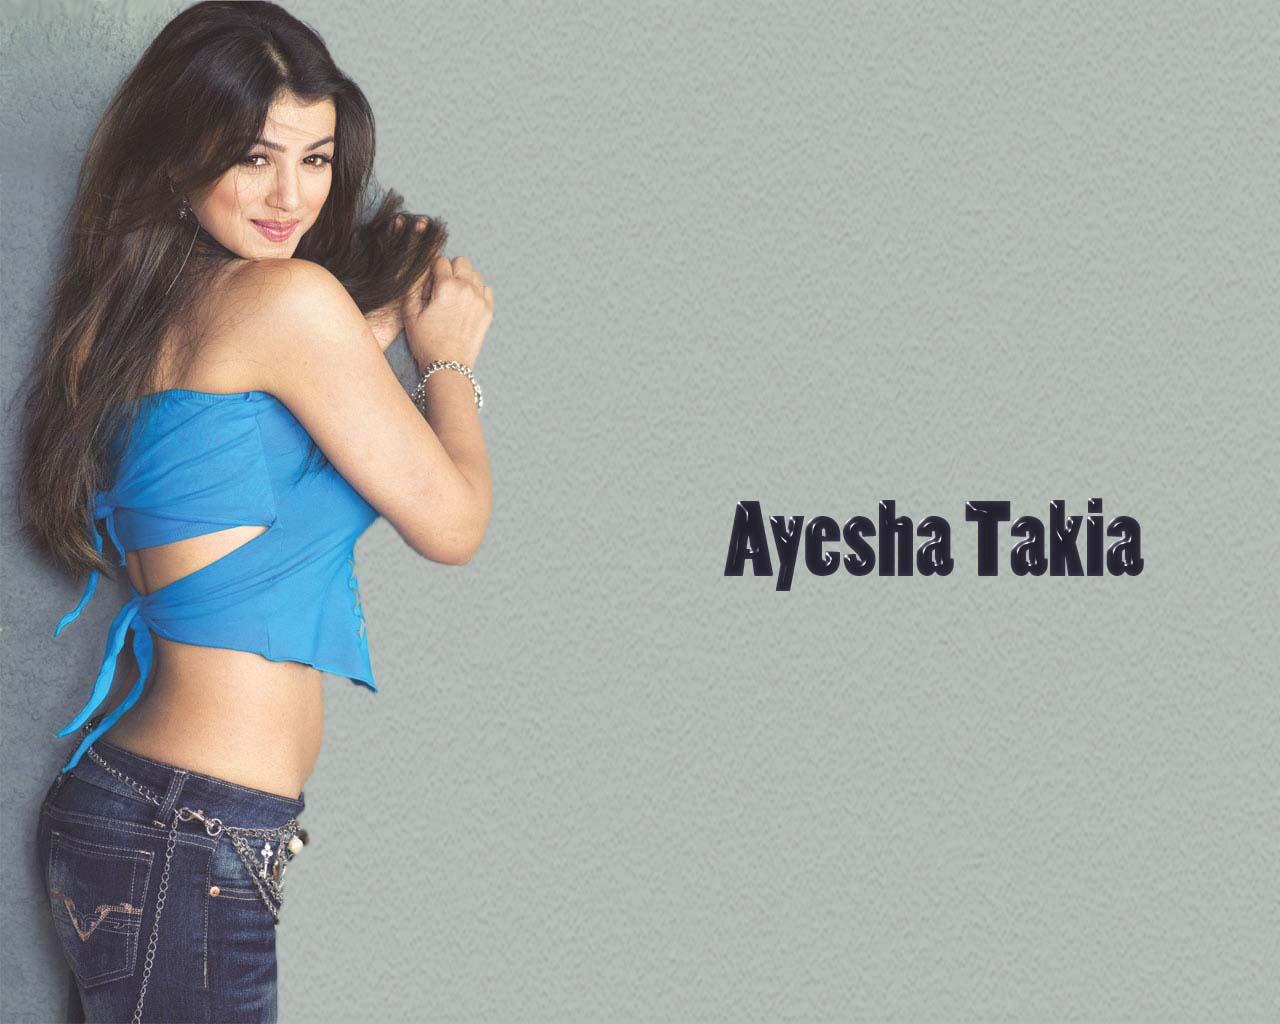 Nice see ayesha bikini in takia class!